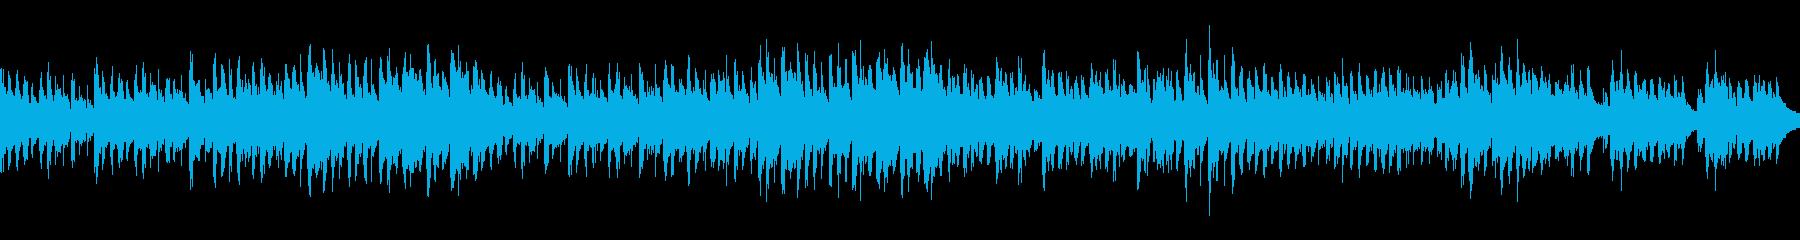 幻想・童話・異世界感BGM(ループ仕様)の再生済みの波形